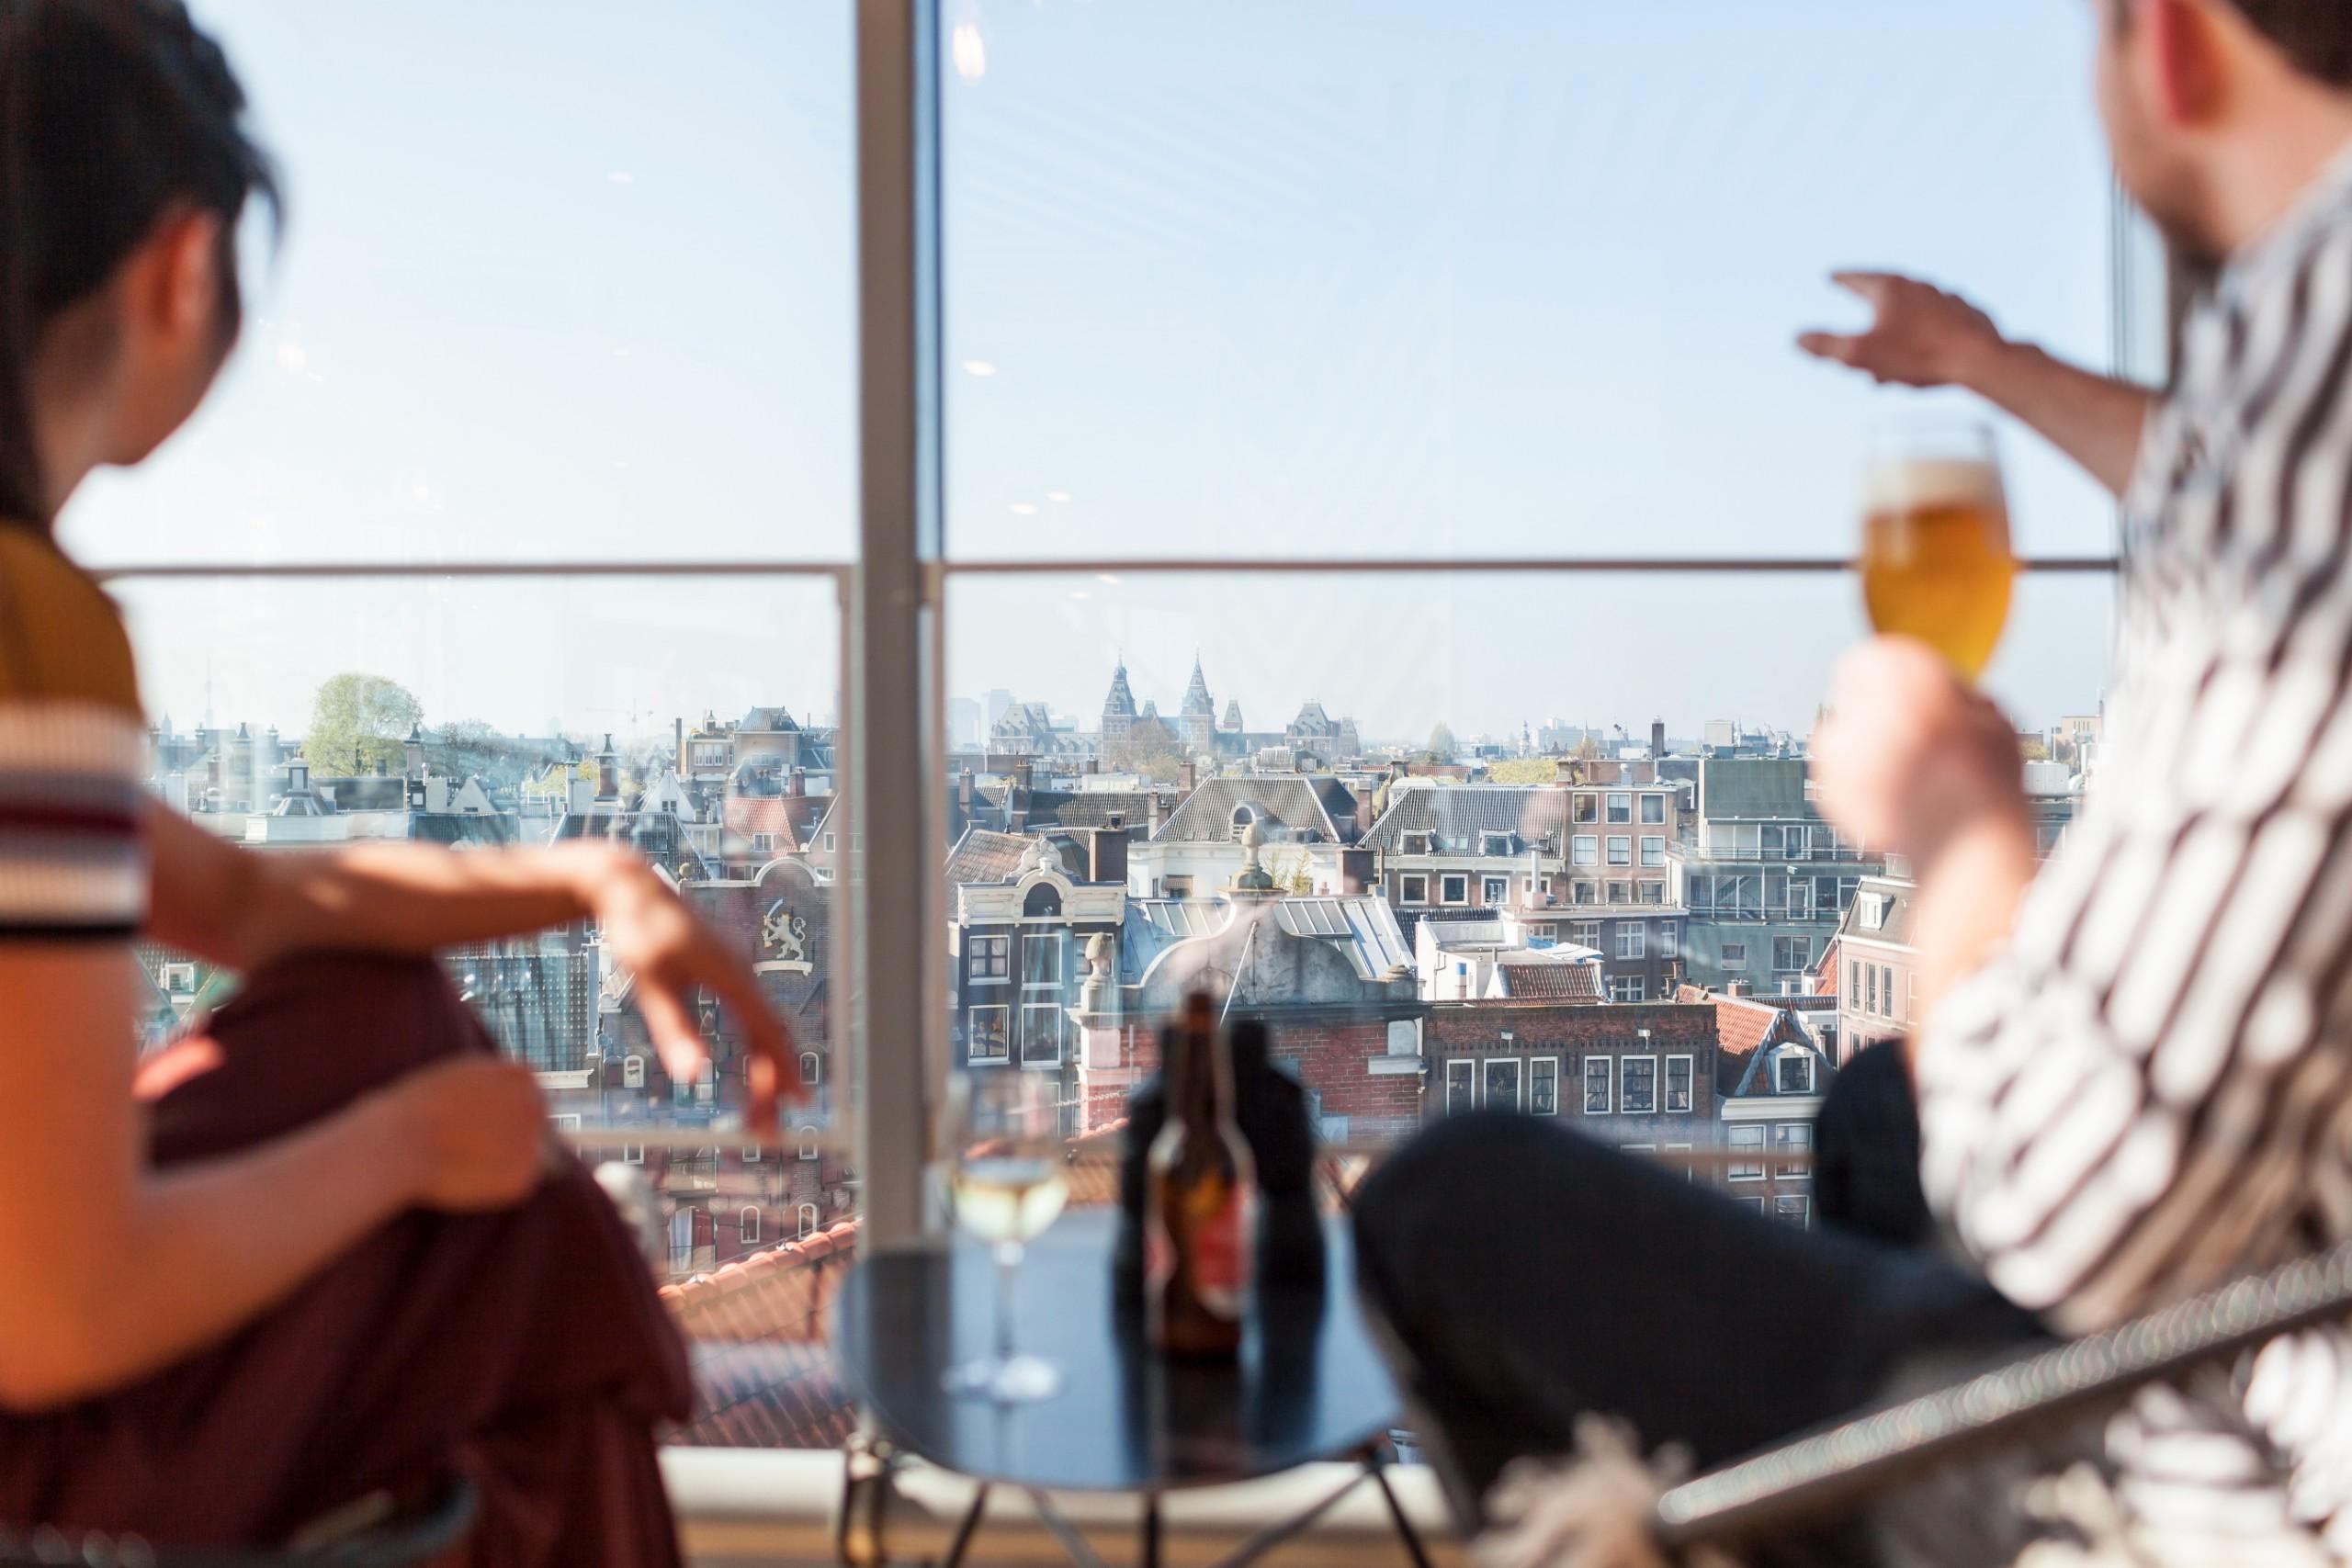 Als je een mooi uitzicht van Amsterdam wilt, dan is Blue Amsterdam zeker de moeite waard. Deze prachtige zaak bevindt zich in Winkelcentrum Kalverpassage in een glazen toren. Daardoor heb je een panoramisch uitzicht en kun je veel bezienswaardigheden in Amsterdam van bovenaf bewonderen.